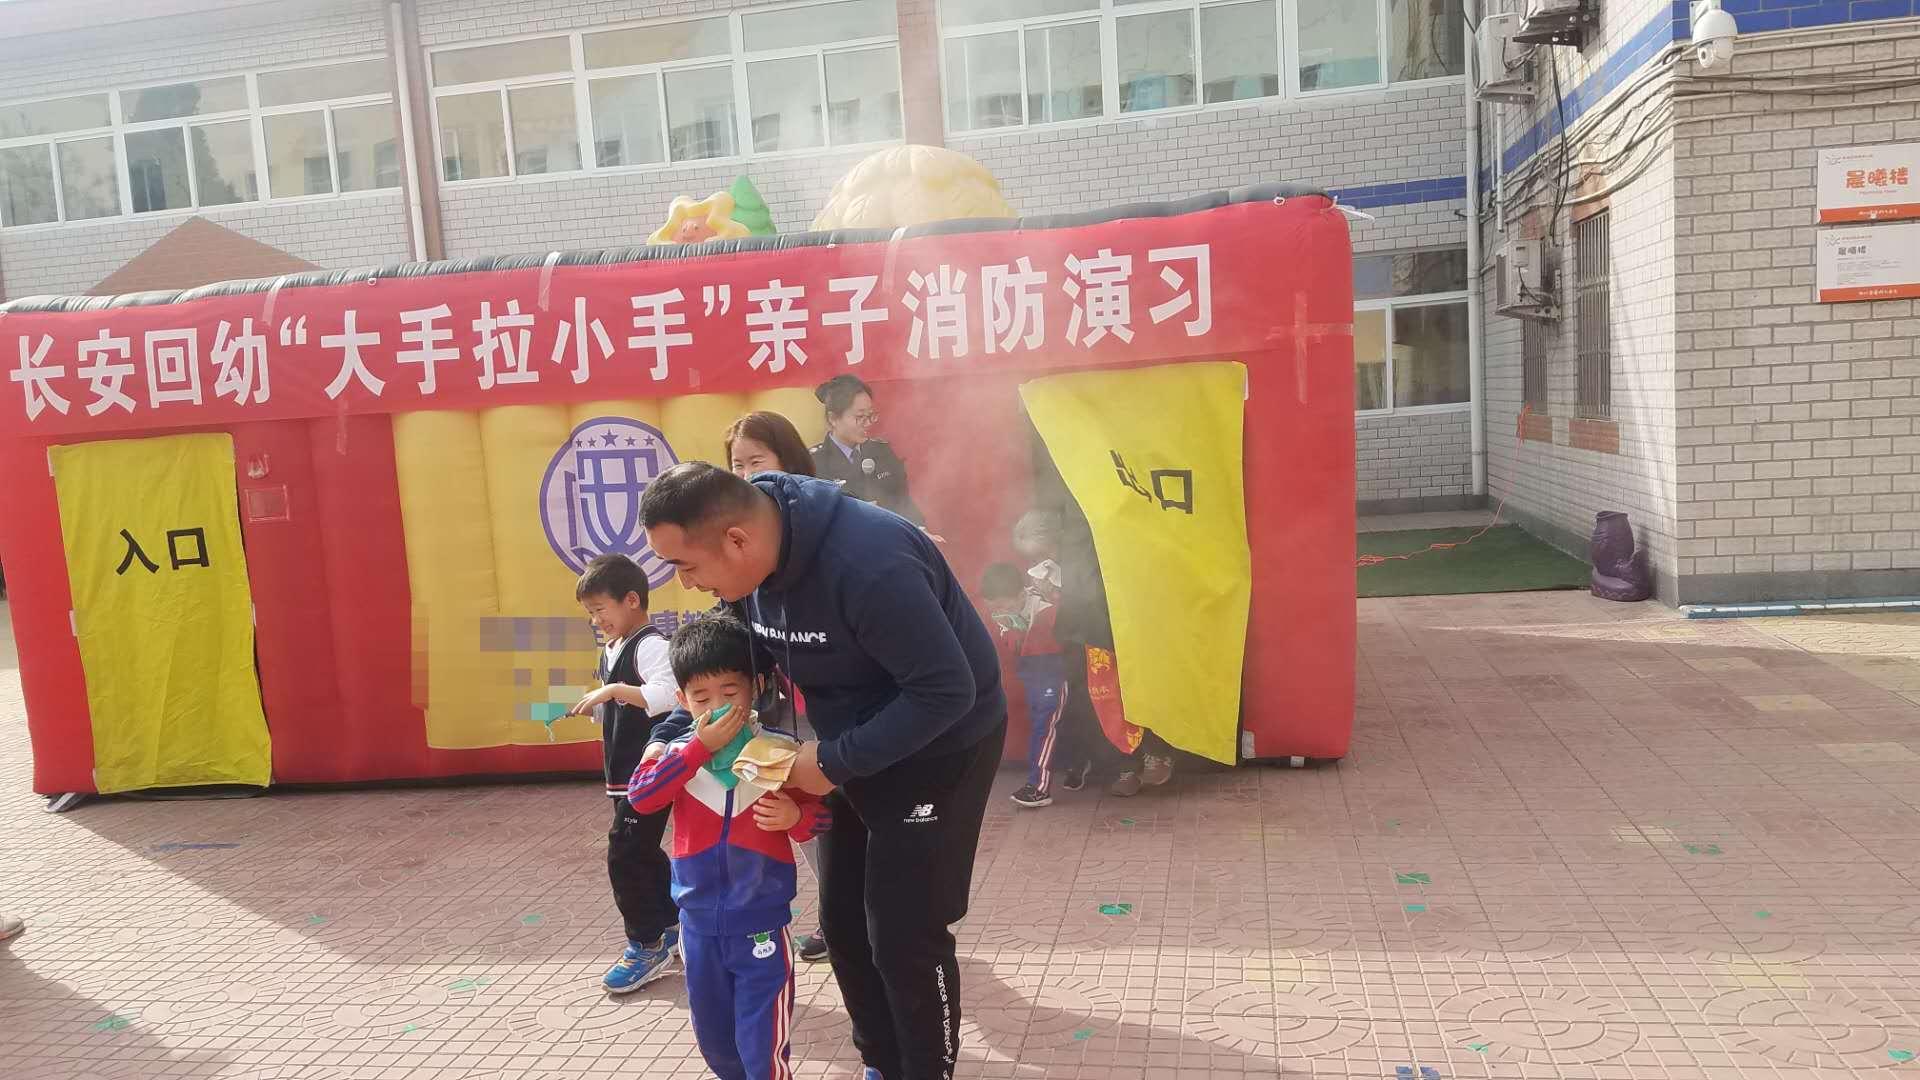 长安区回民幼儿园 开展大手拉小手消防培训暨逃生演练